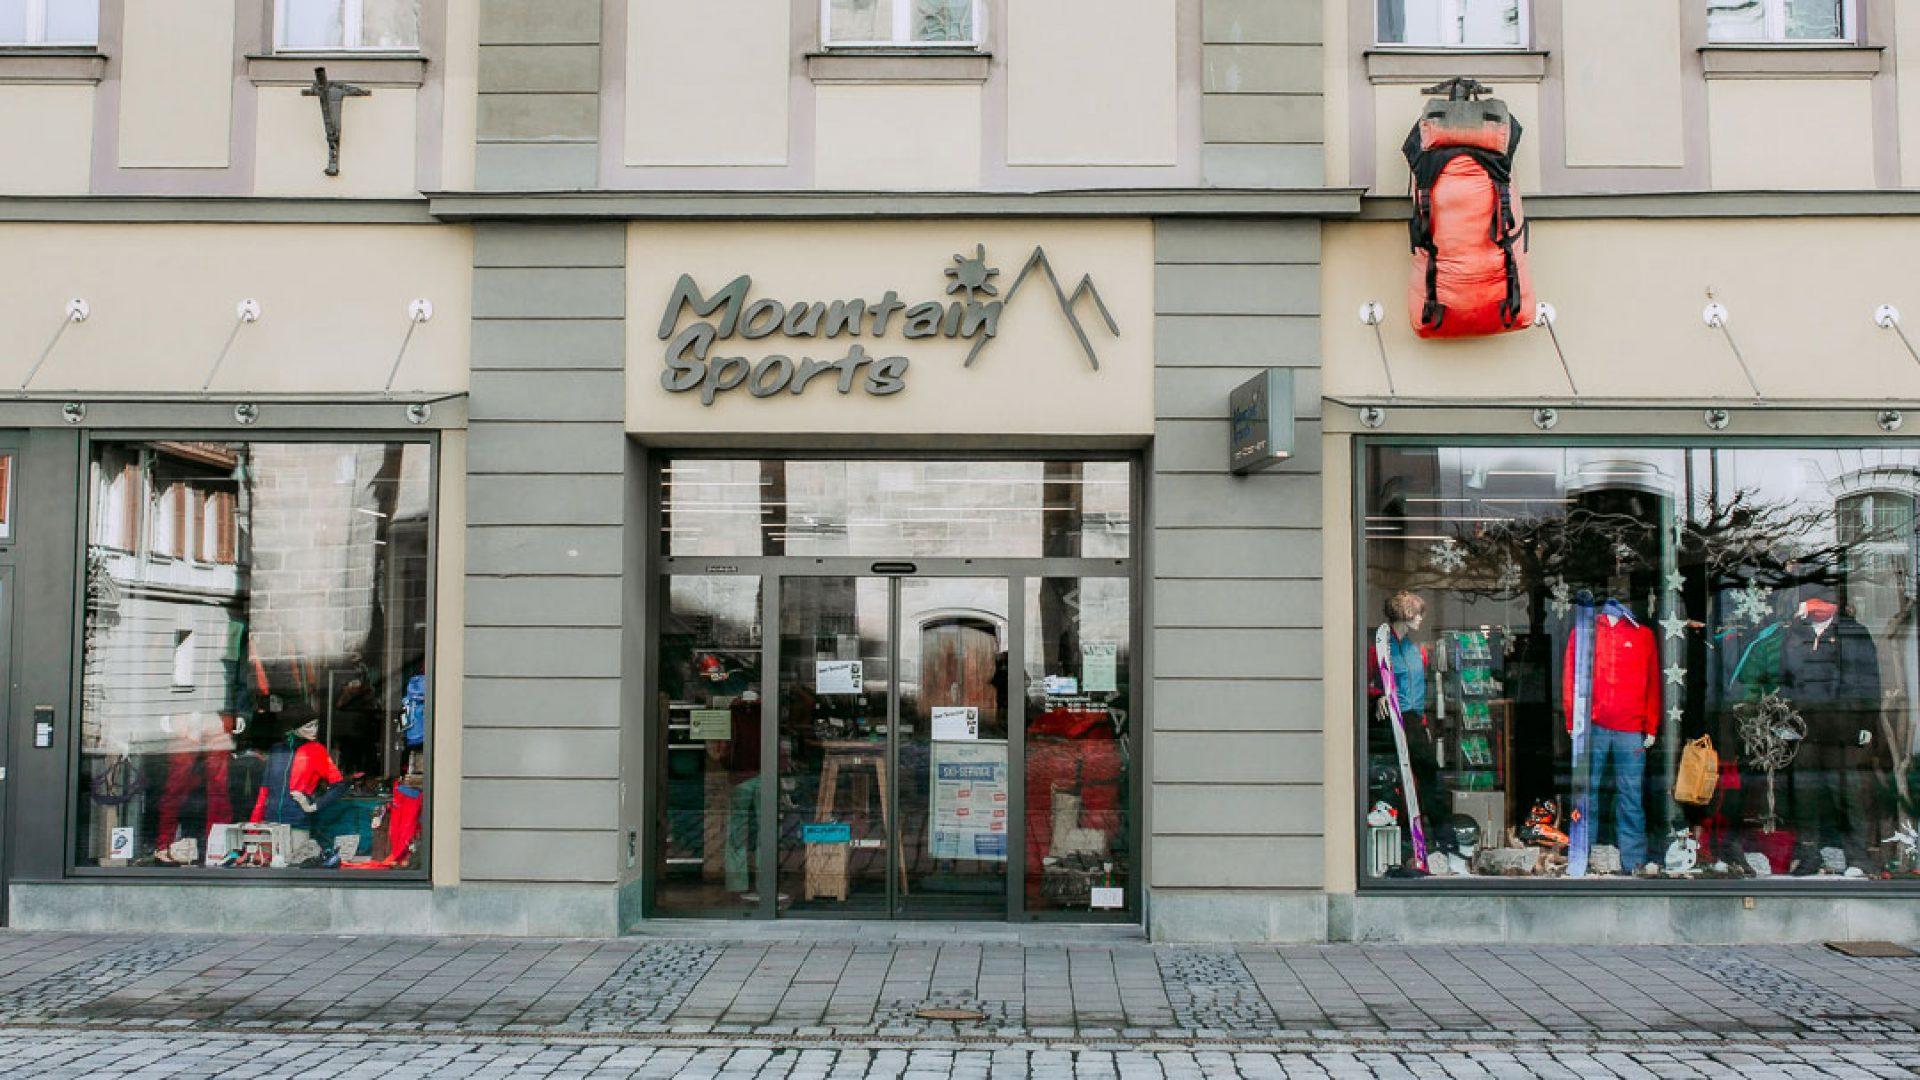 Einkaufen-in-Ansbach-Mountain-Sports